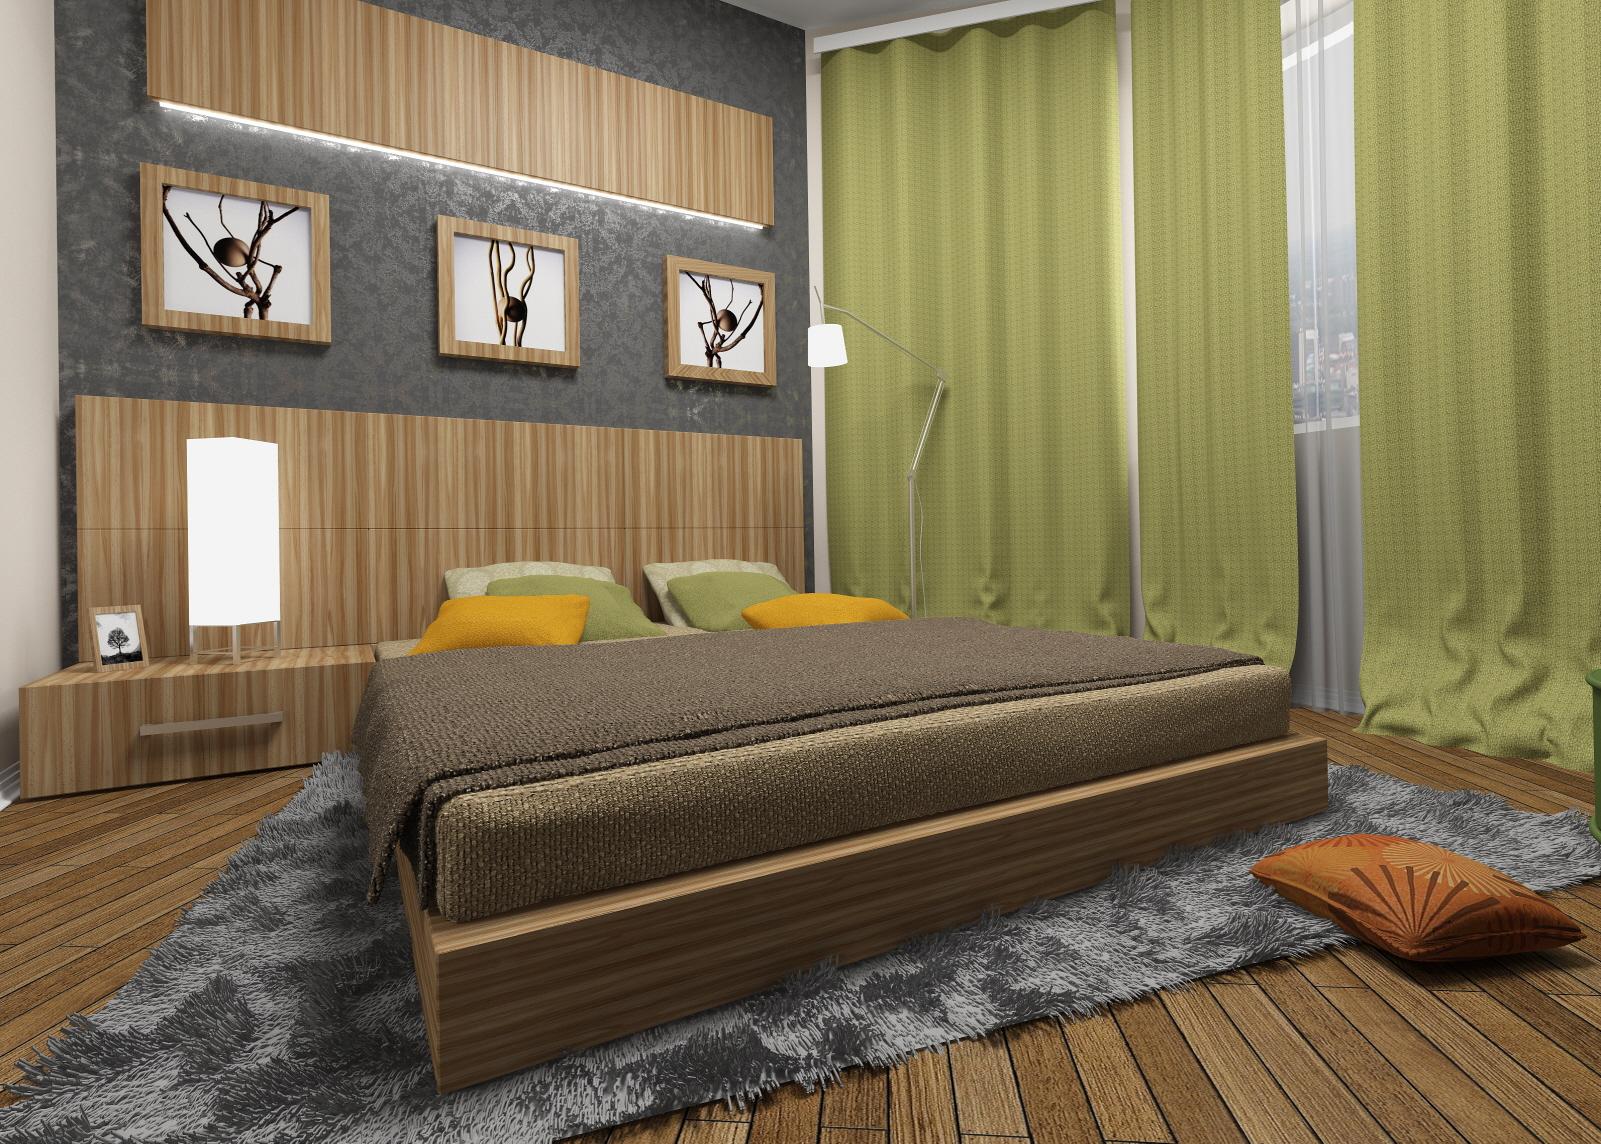 спальня экологического стиля с зелеными занавесками